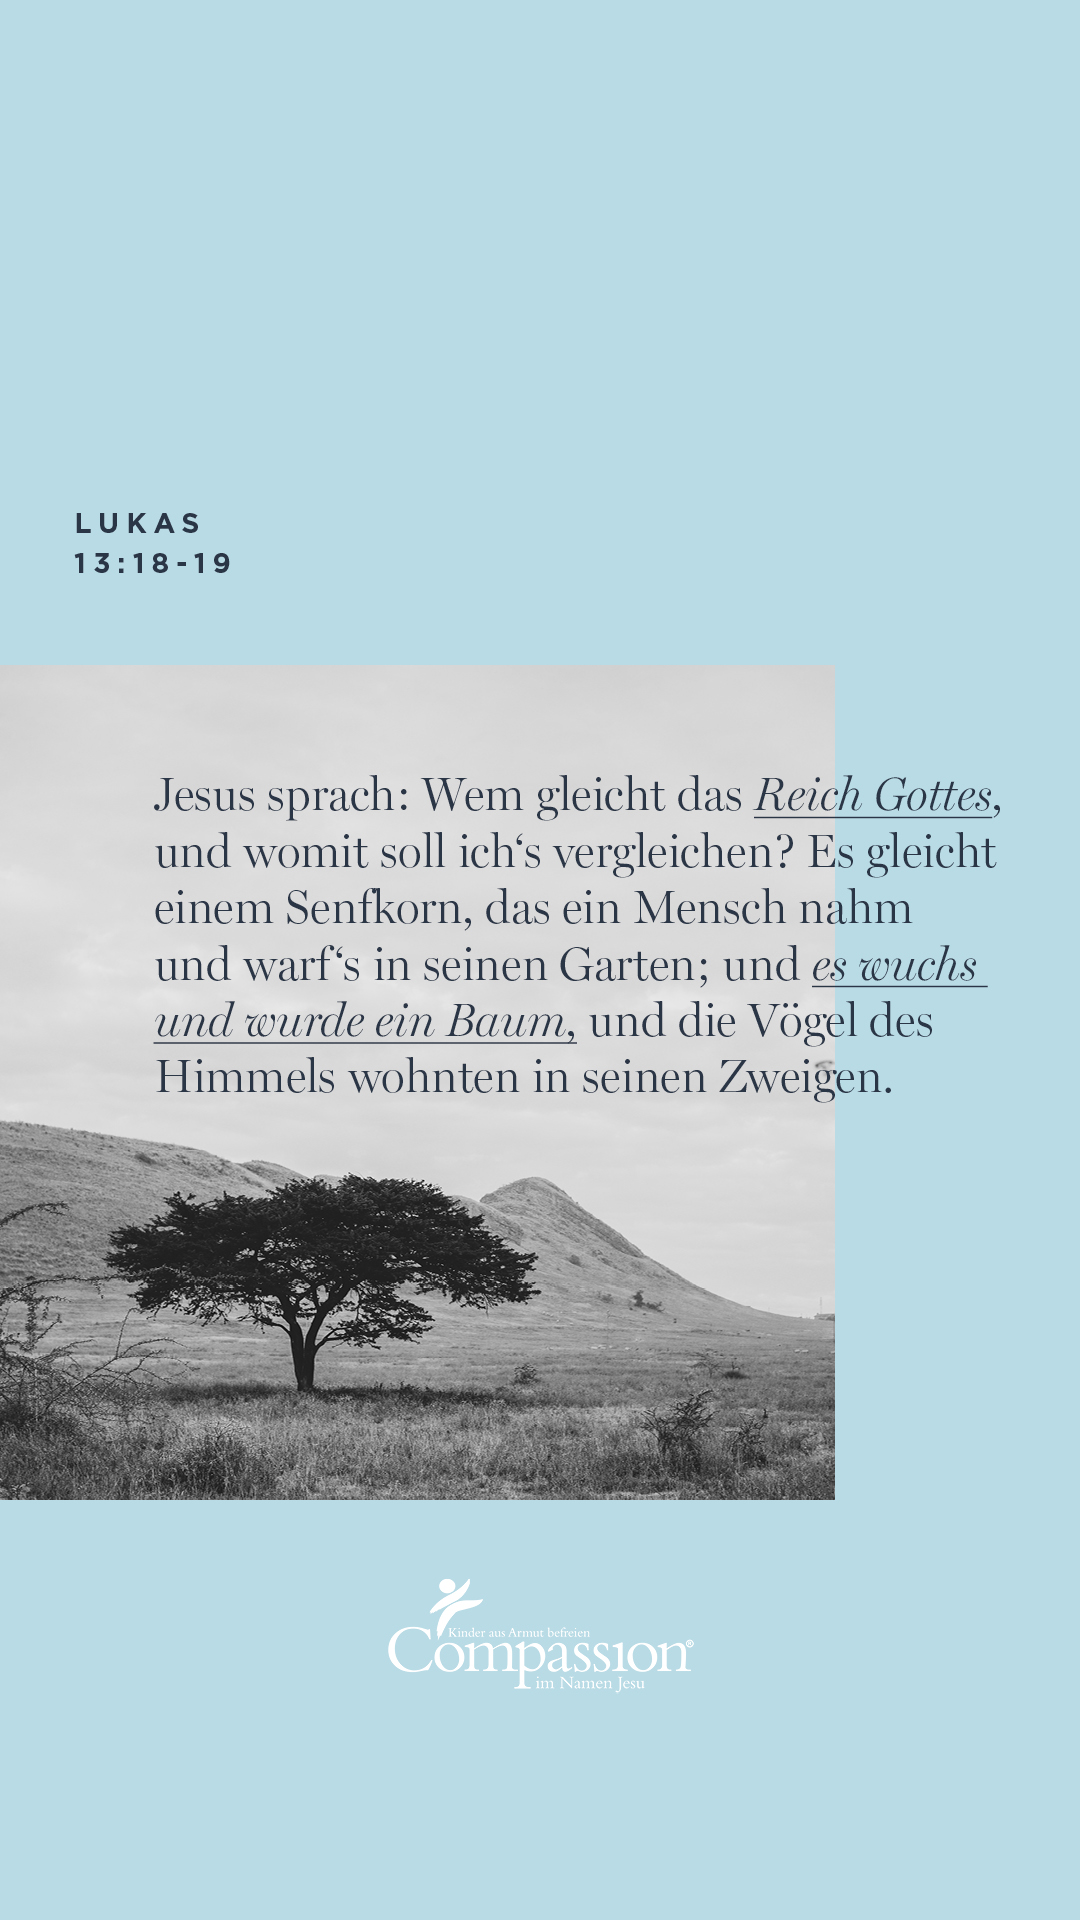 """alt=""""Bibelvers_Wallpaper_Lukas_13:18-19_Compassion_Deutschland"""""""